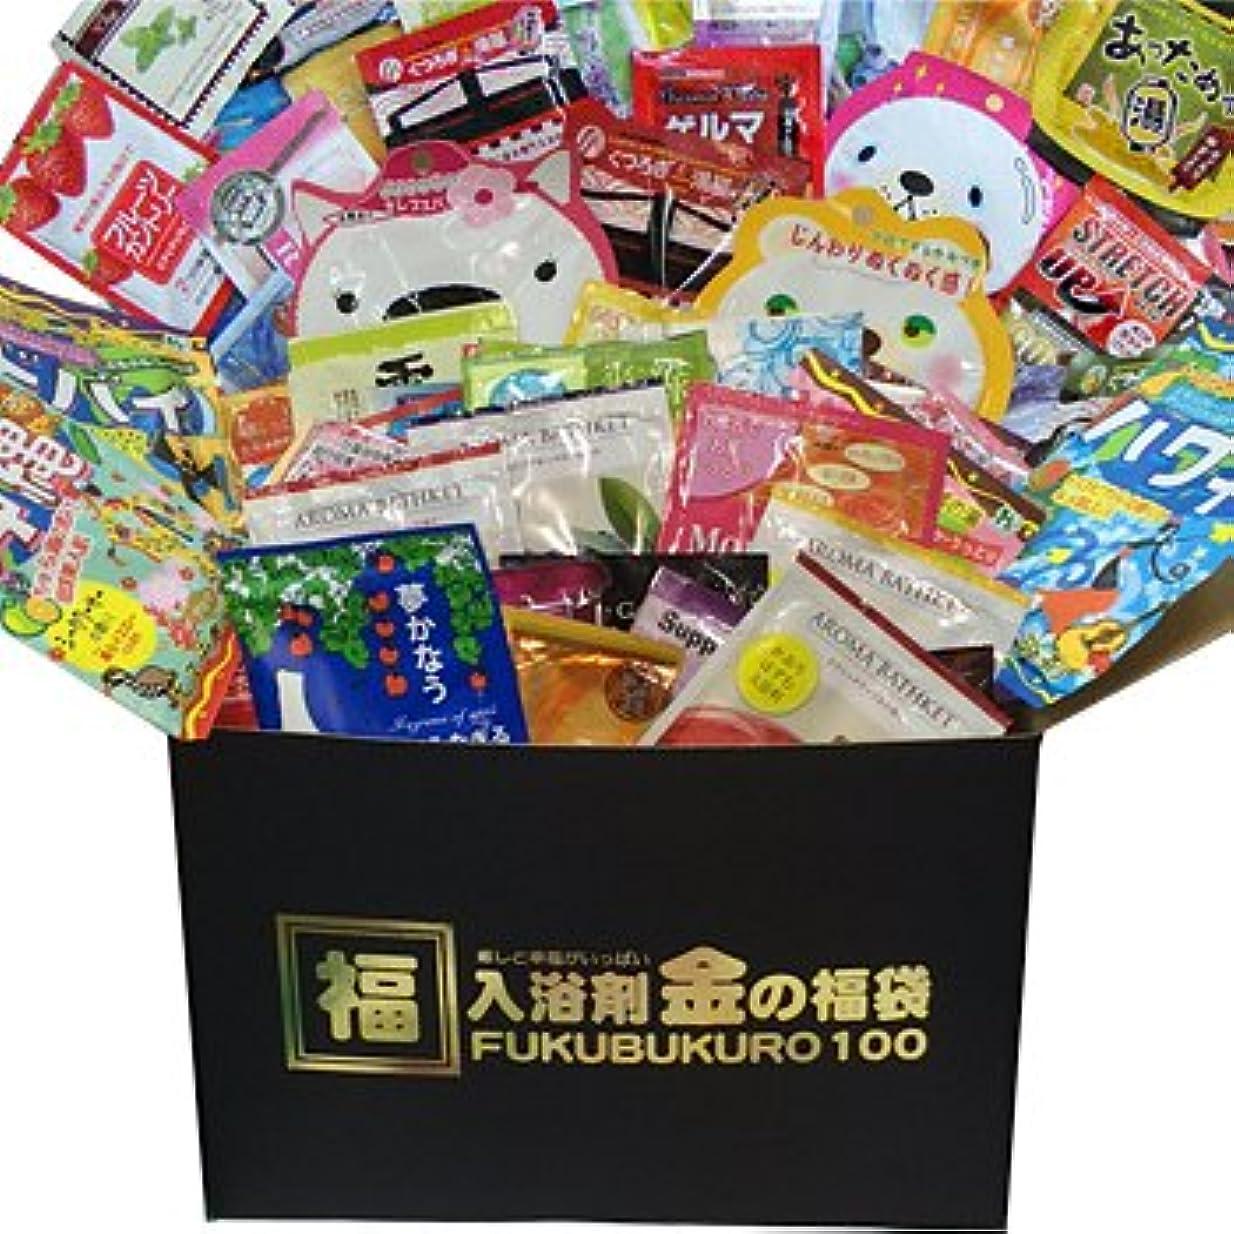 ベール環境農業の金の! 【入浴剤 福袋】100個 安心の日本製!入浴剤福袋/入浴剤 福袋/ギフト